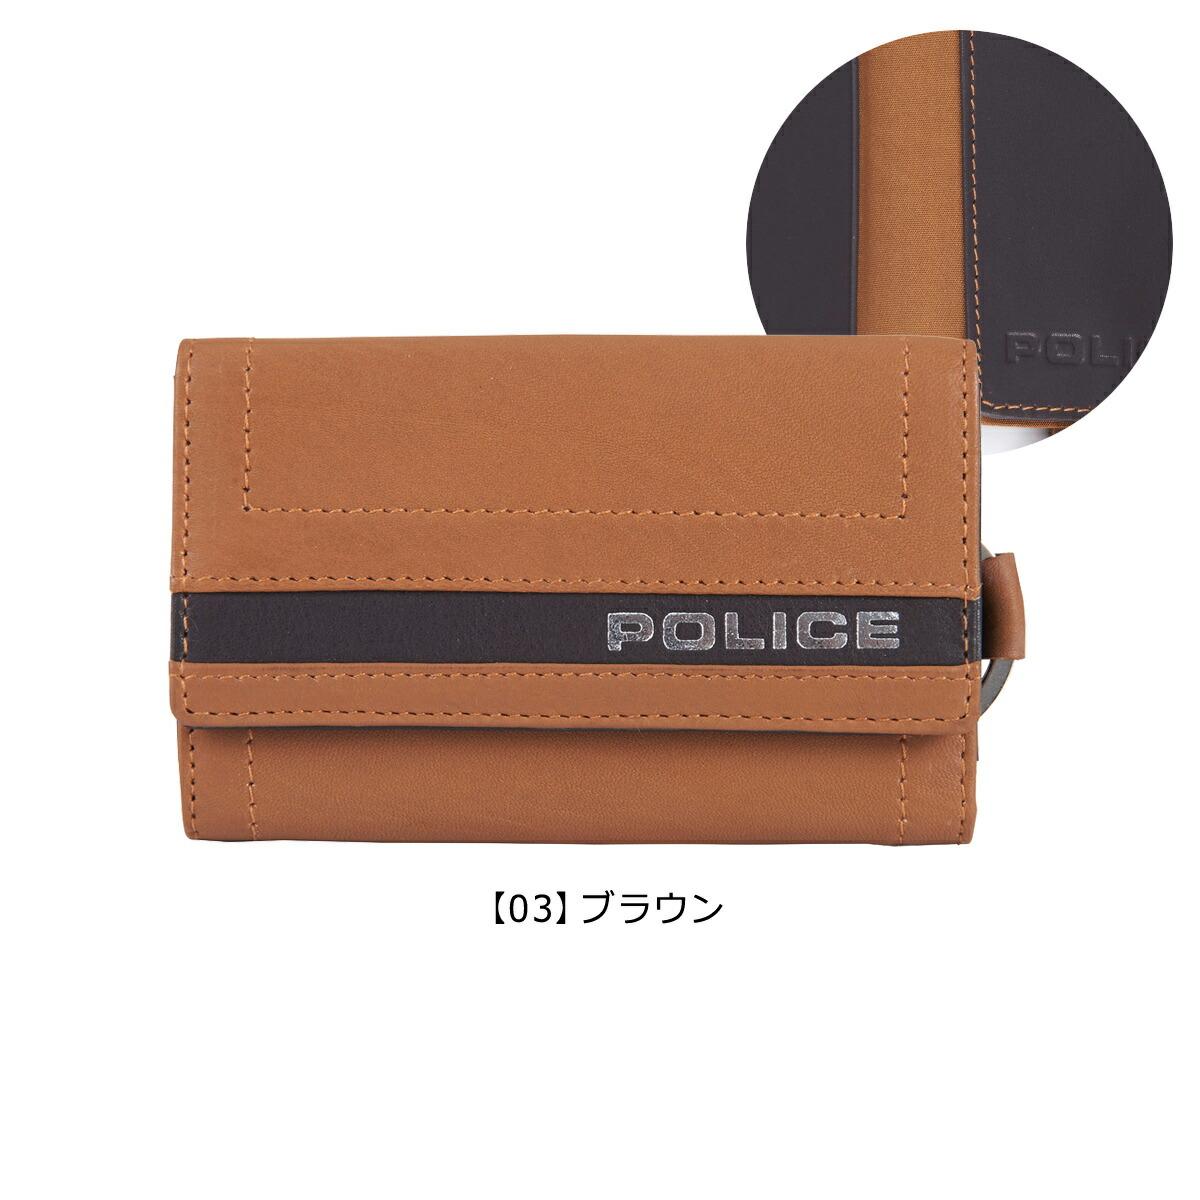 【03】ブラウン